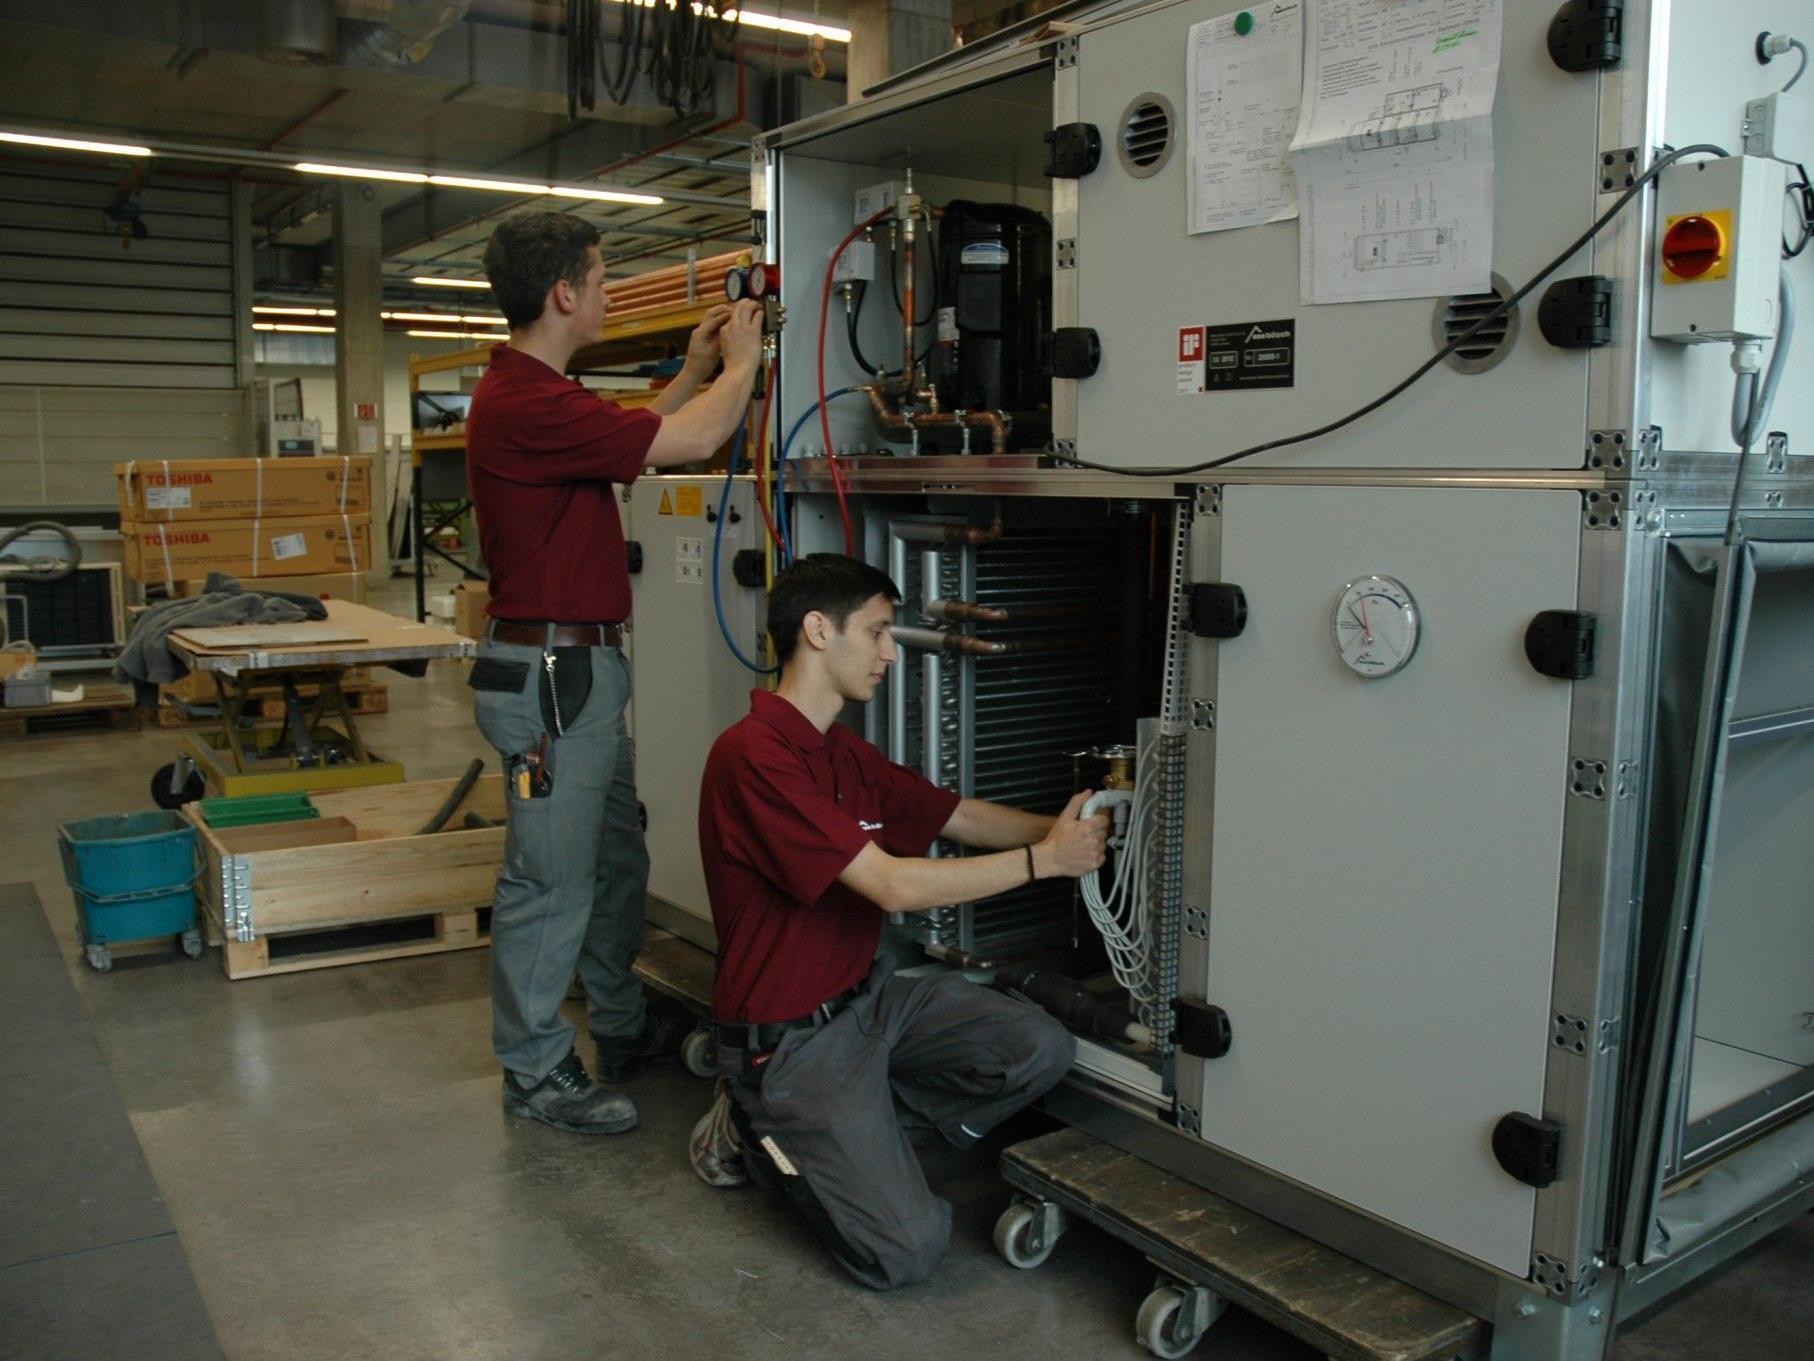 In der Firma steht die Vermittlung von praktischen Fähigkeiten im Vordergrund.